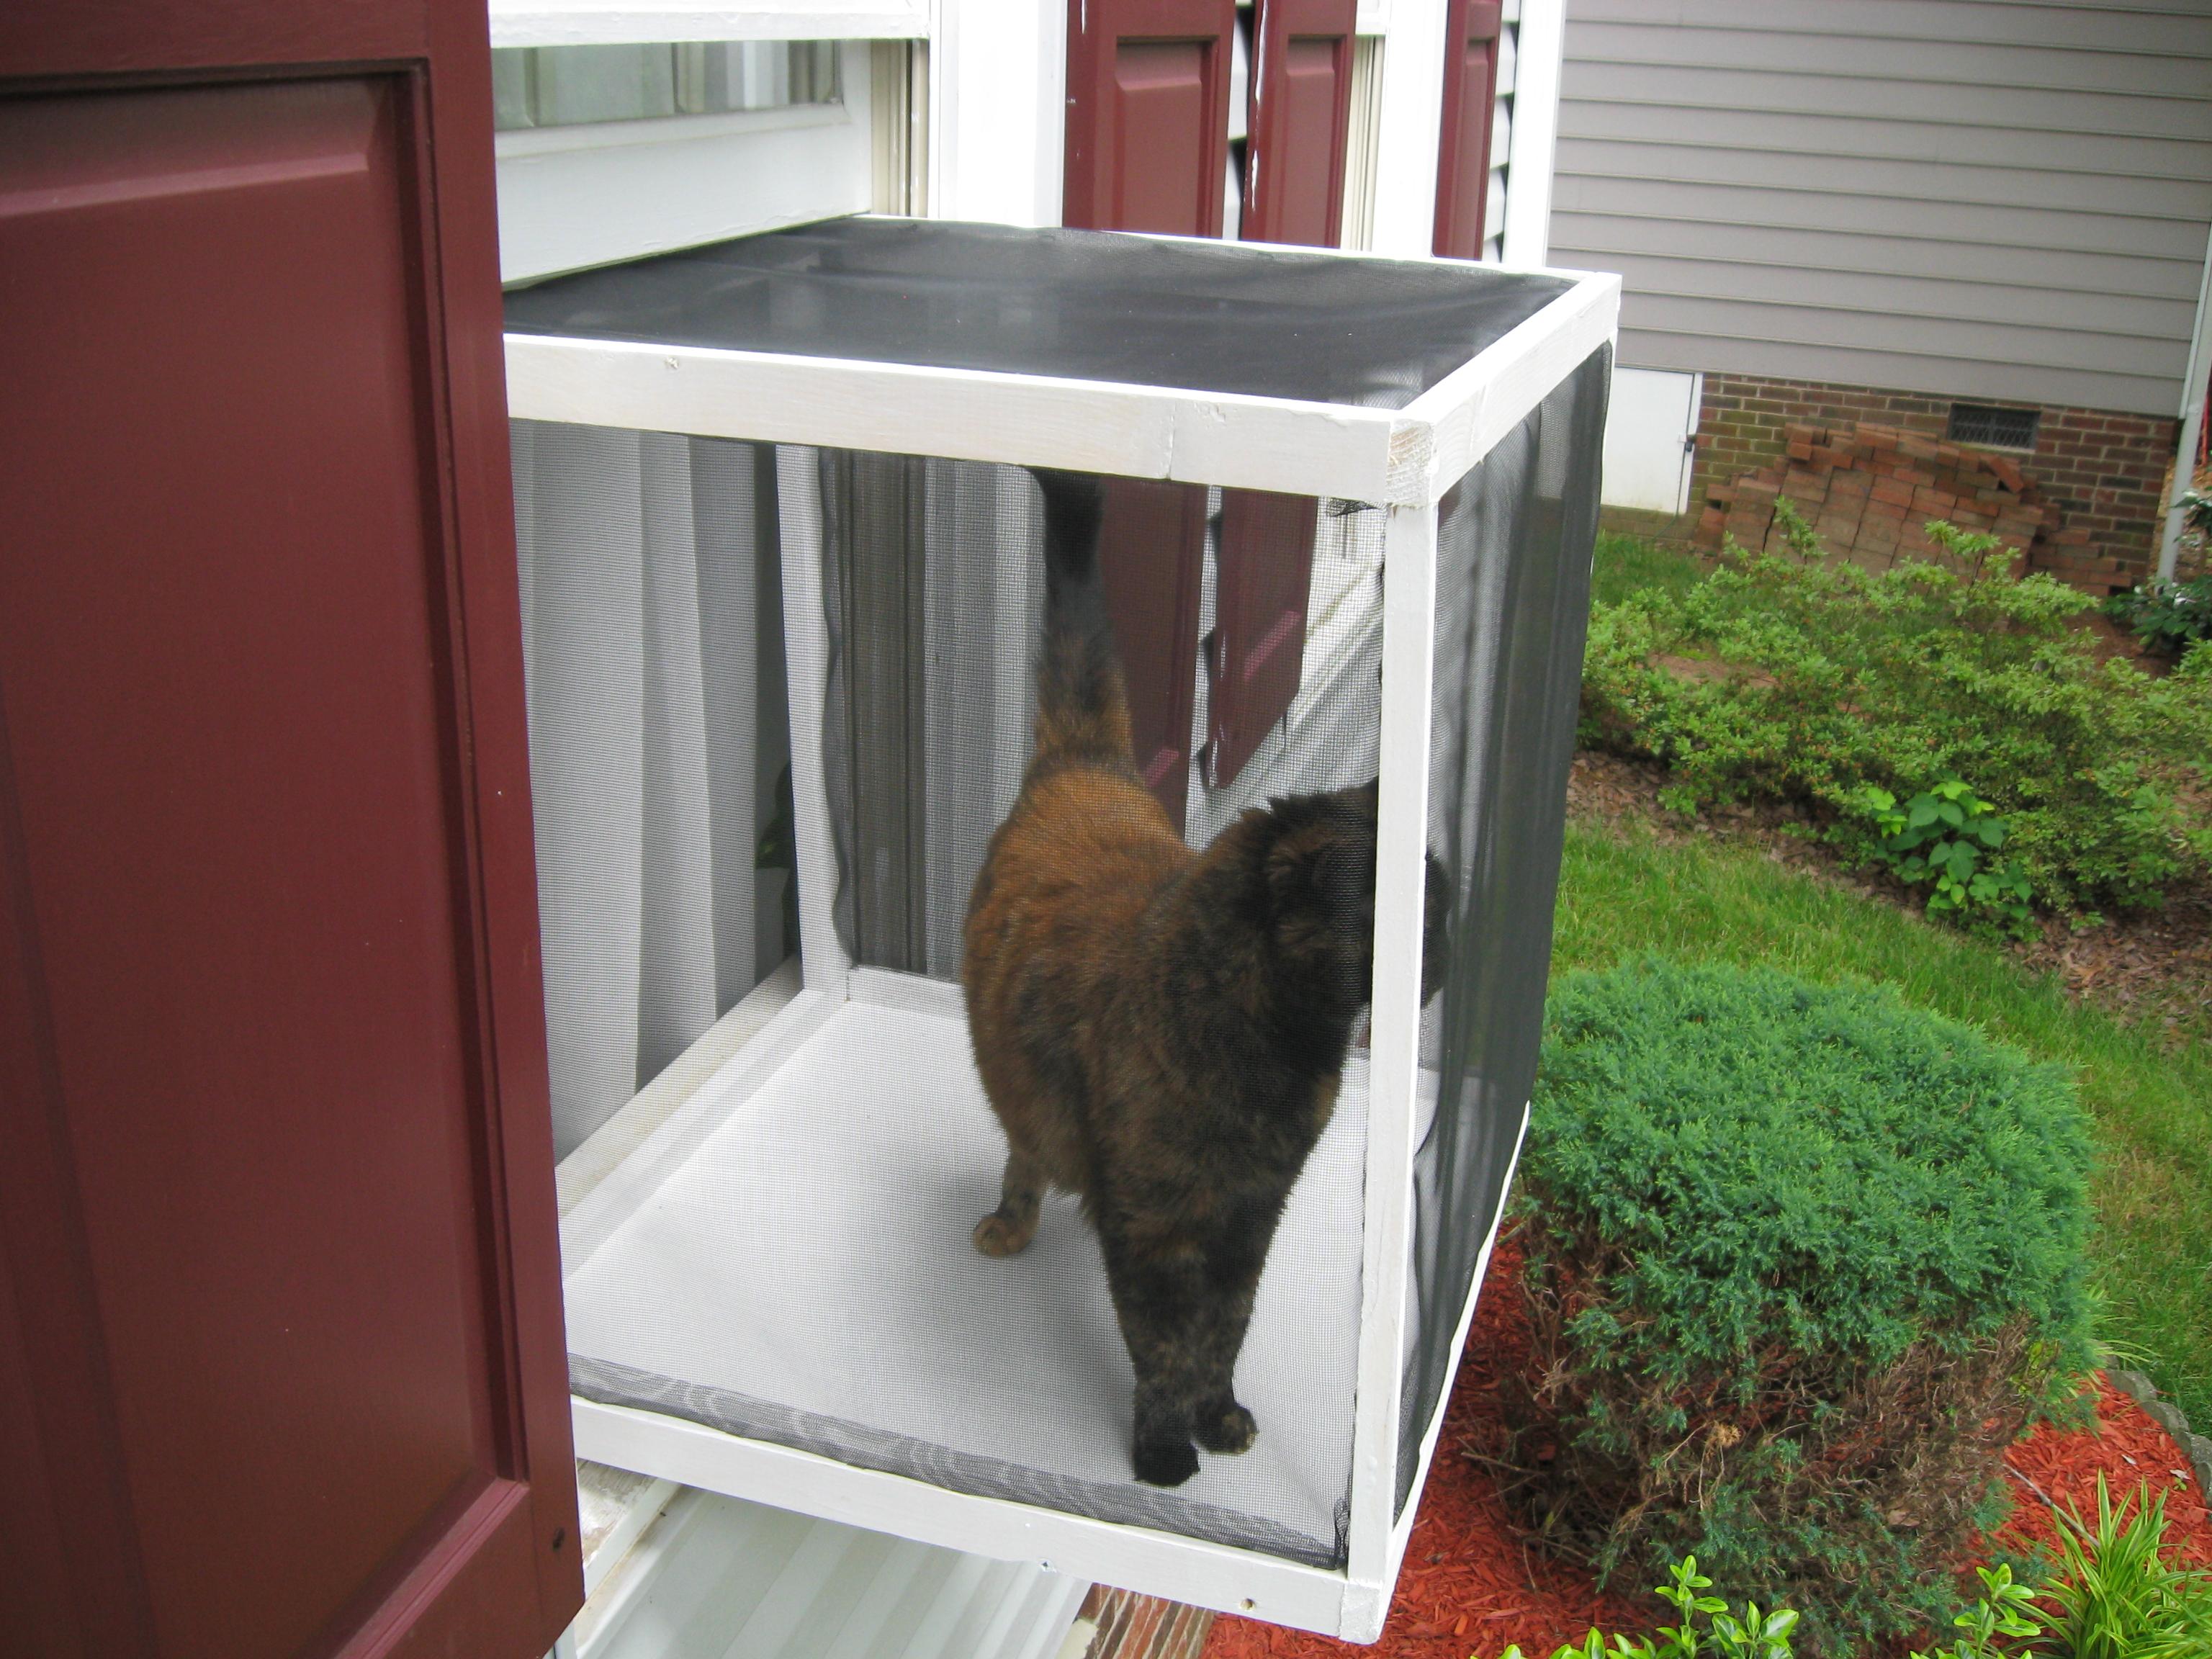 kedi için pencere güvenliği